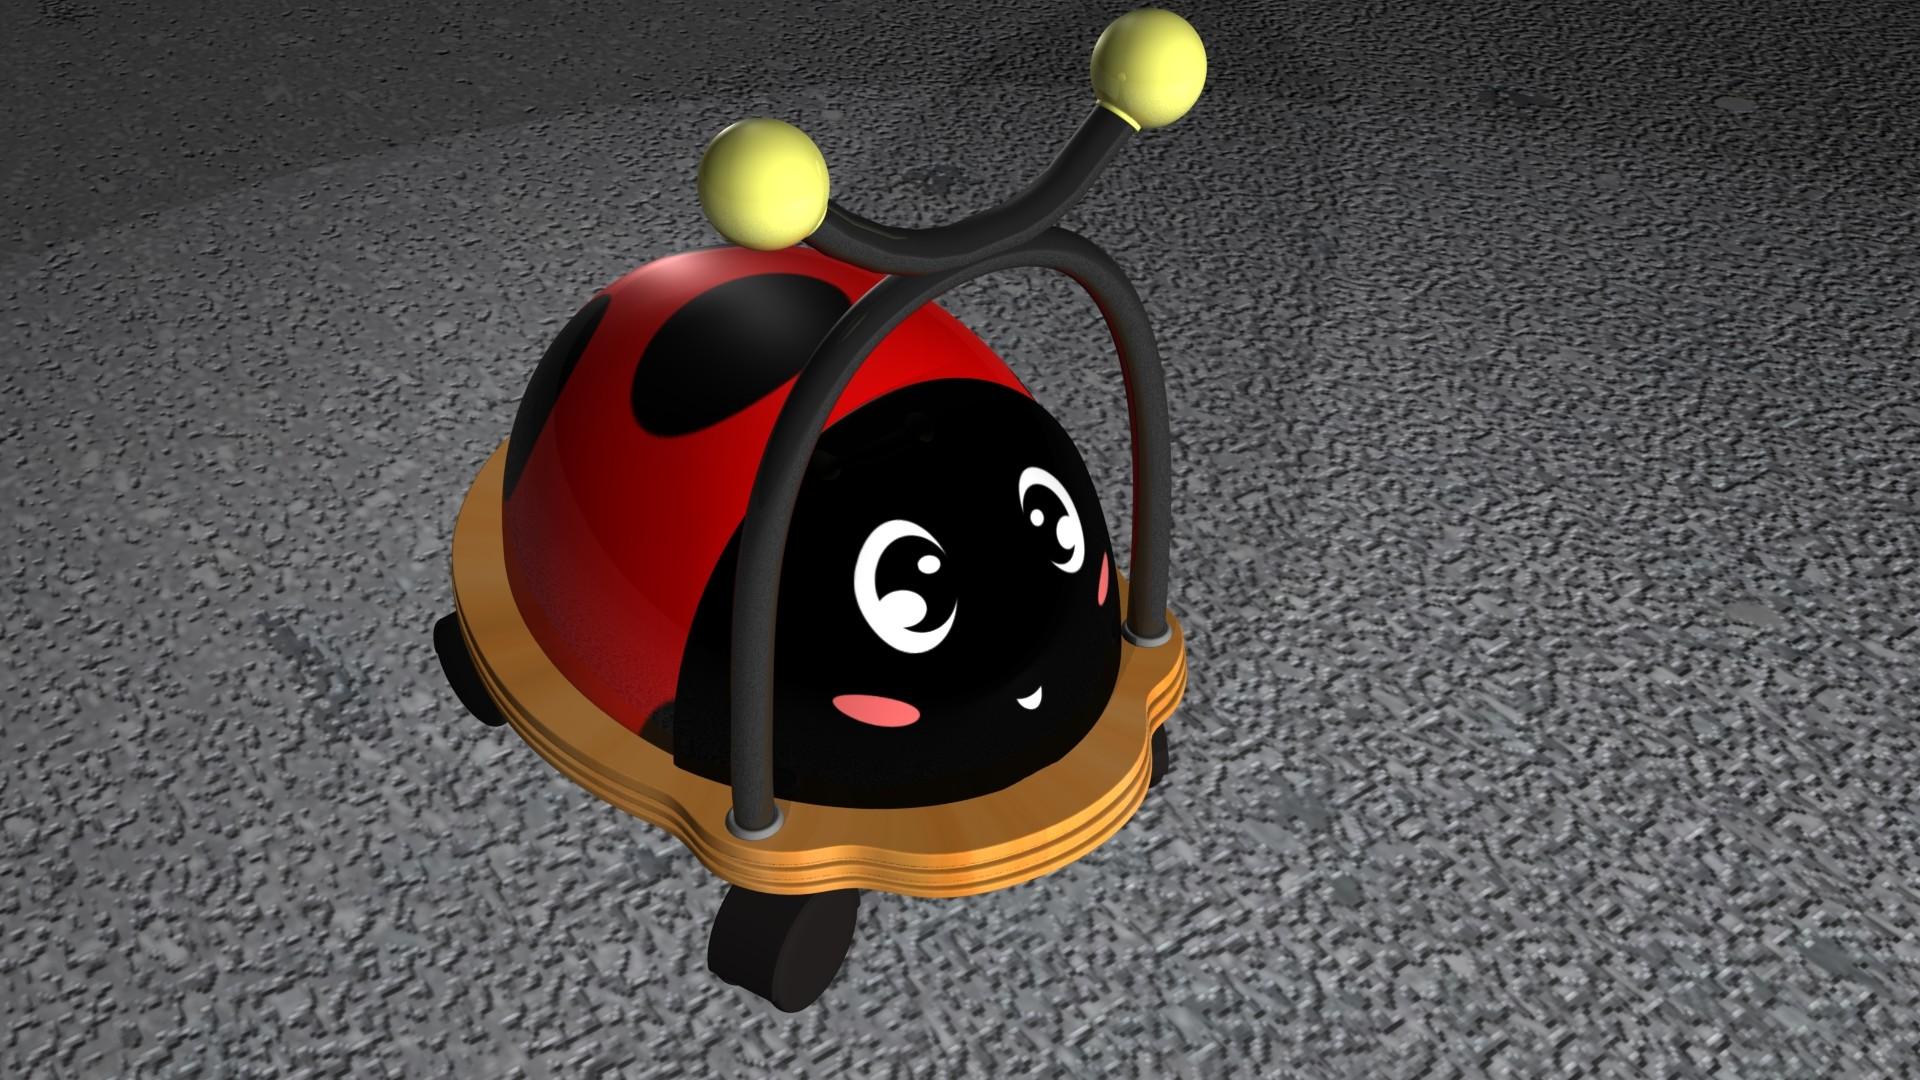 Jessica vira ladybug version 1